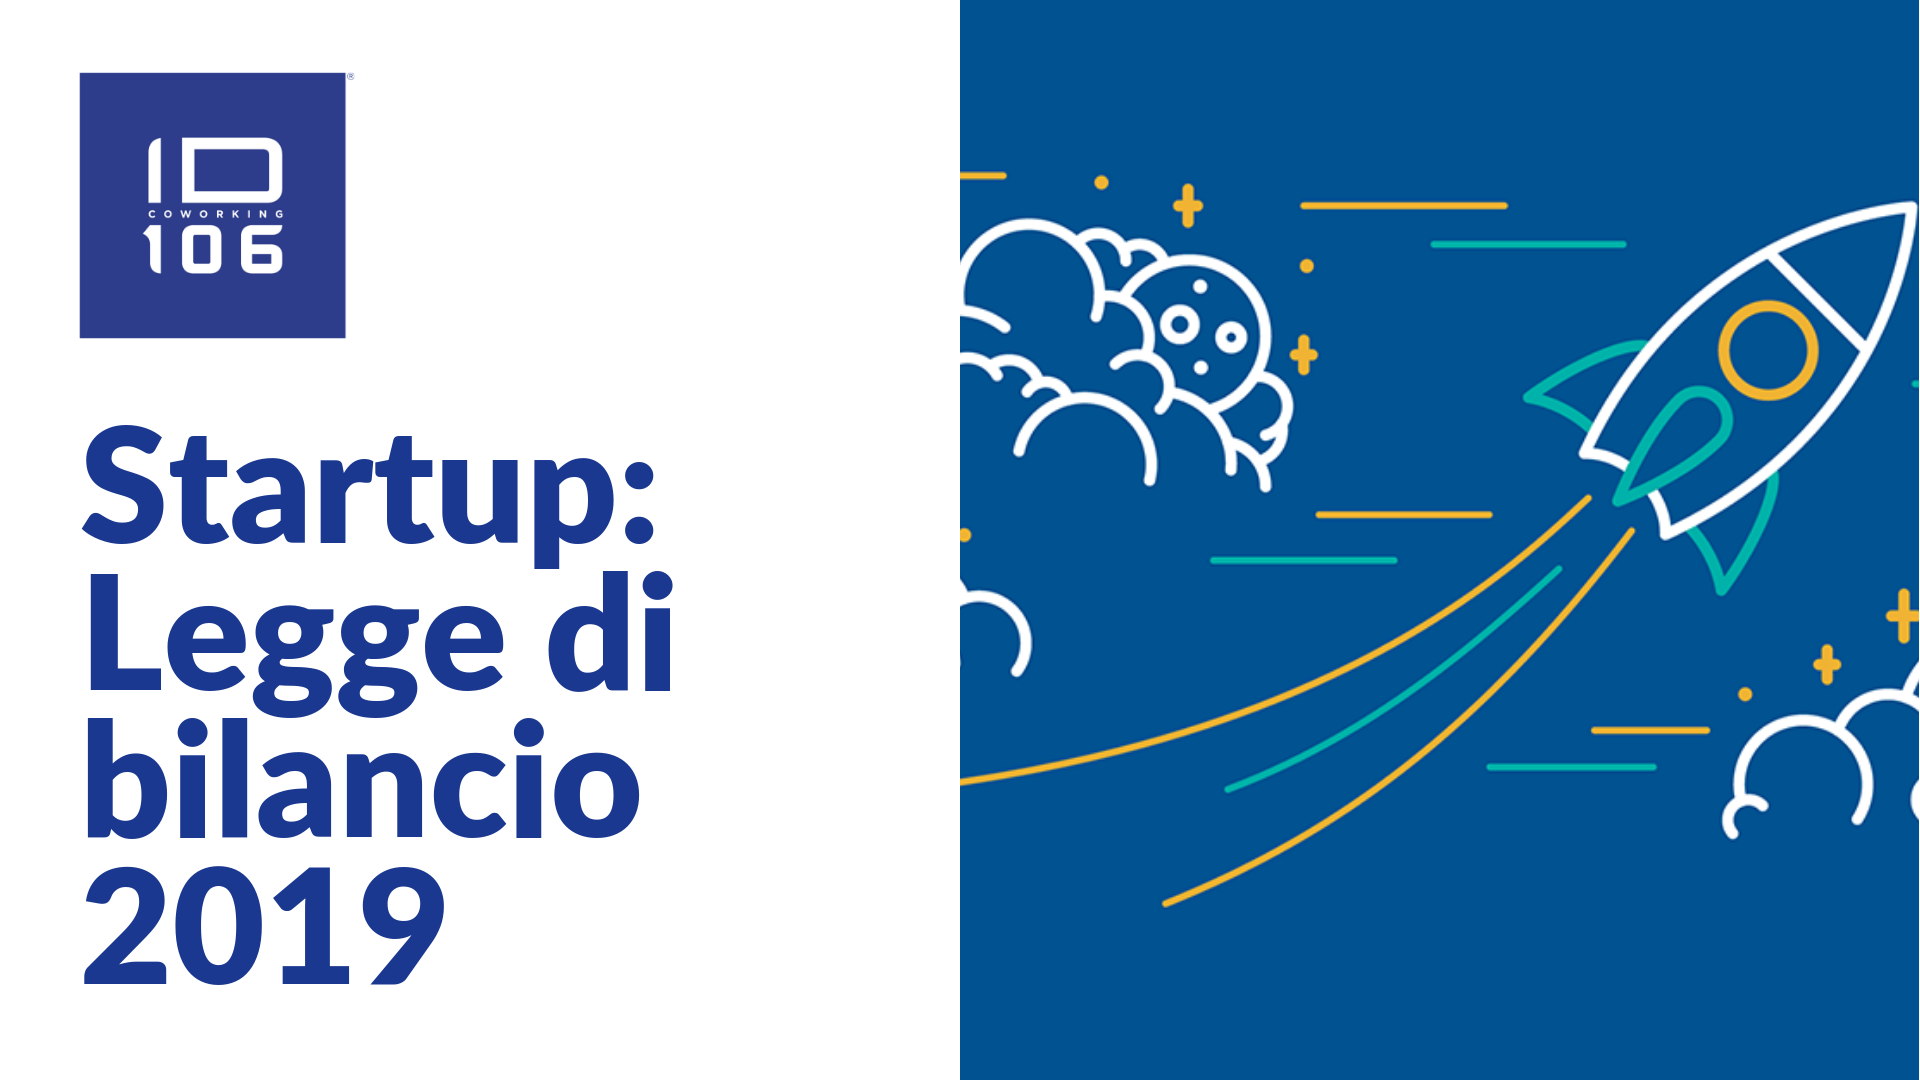 legge-di-bilancio-startup-id106 (1)